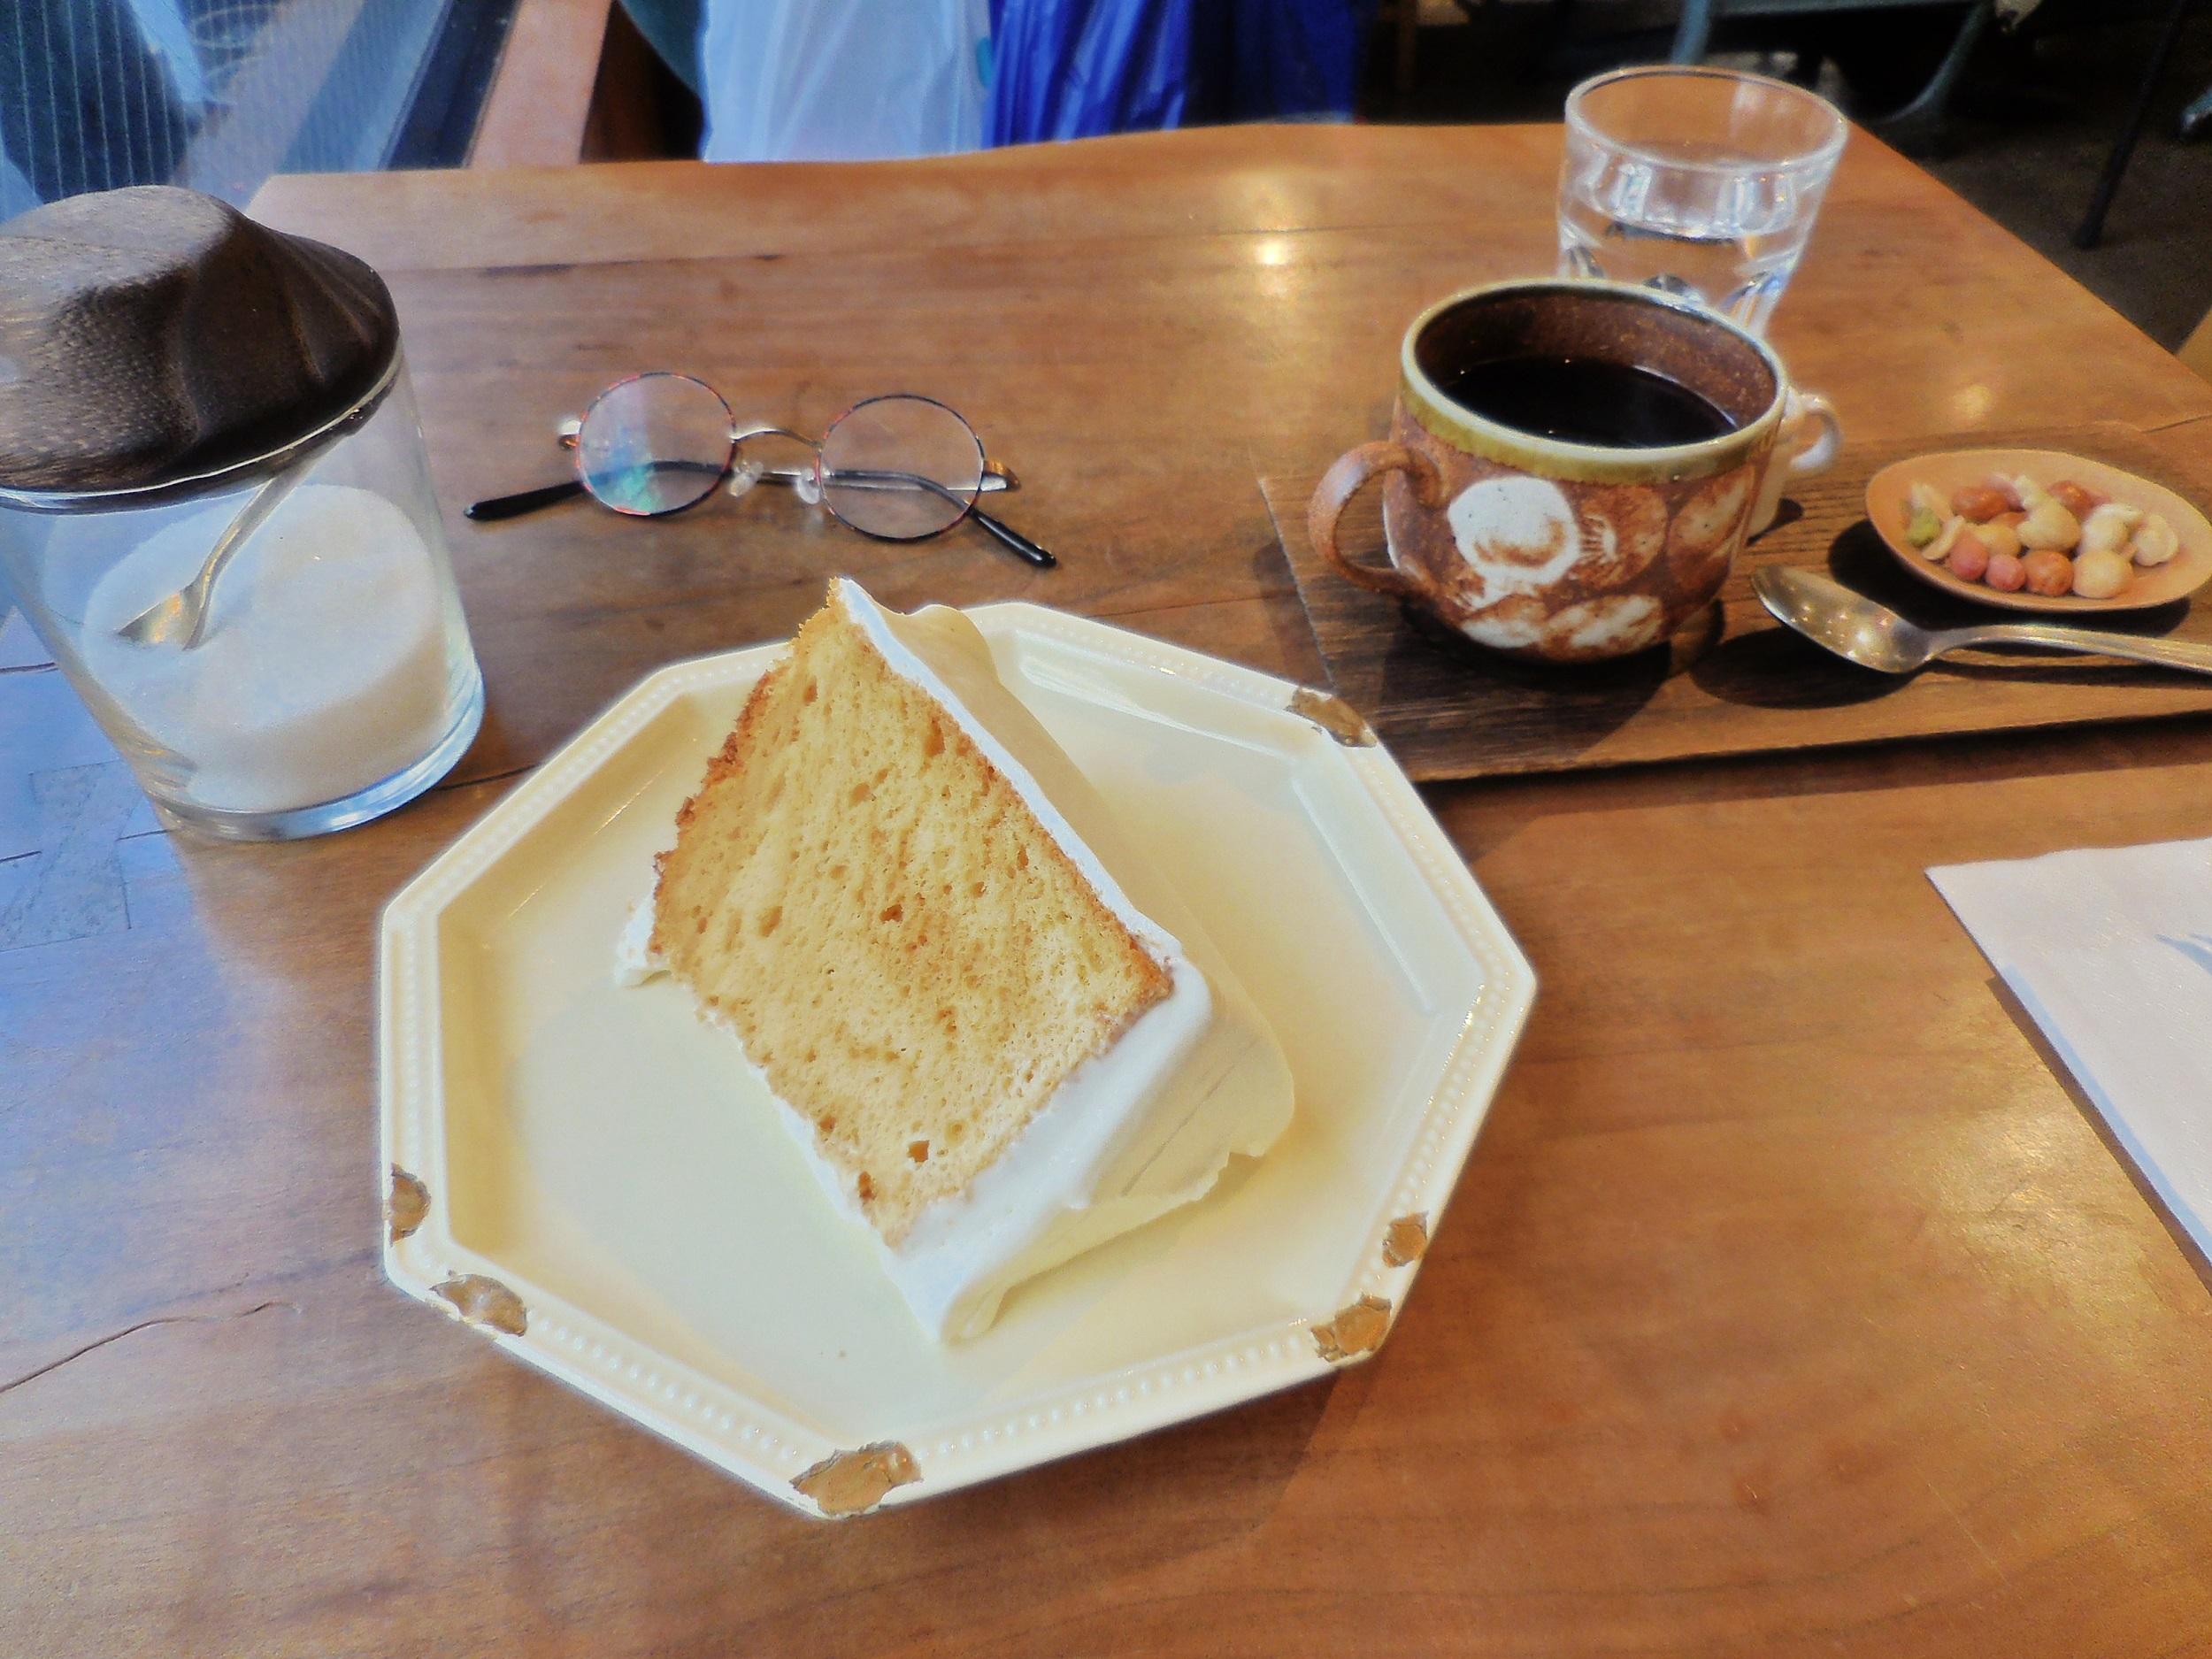 【三鷹】モリスケ・横森珈琲 シフォンケーキがここまでおいしいなんて♡_6